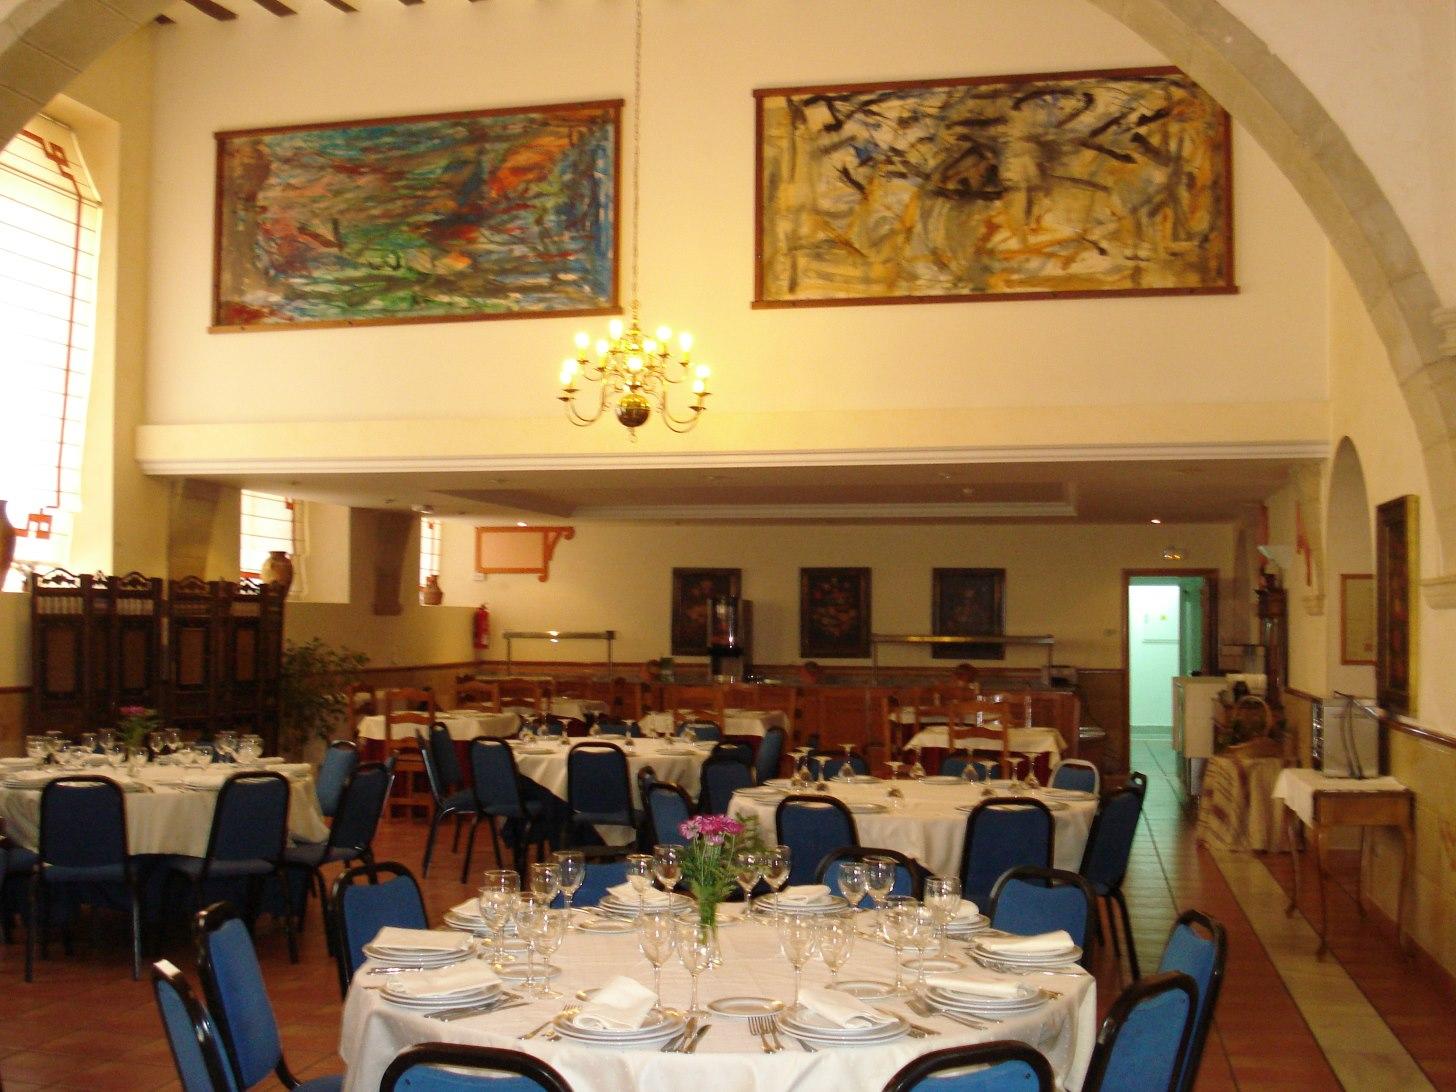 Ayuntamiento de miranda de ebro restaurante el convento for Decoracion 88 miranda de ebro